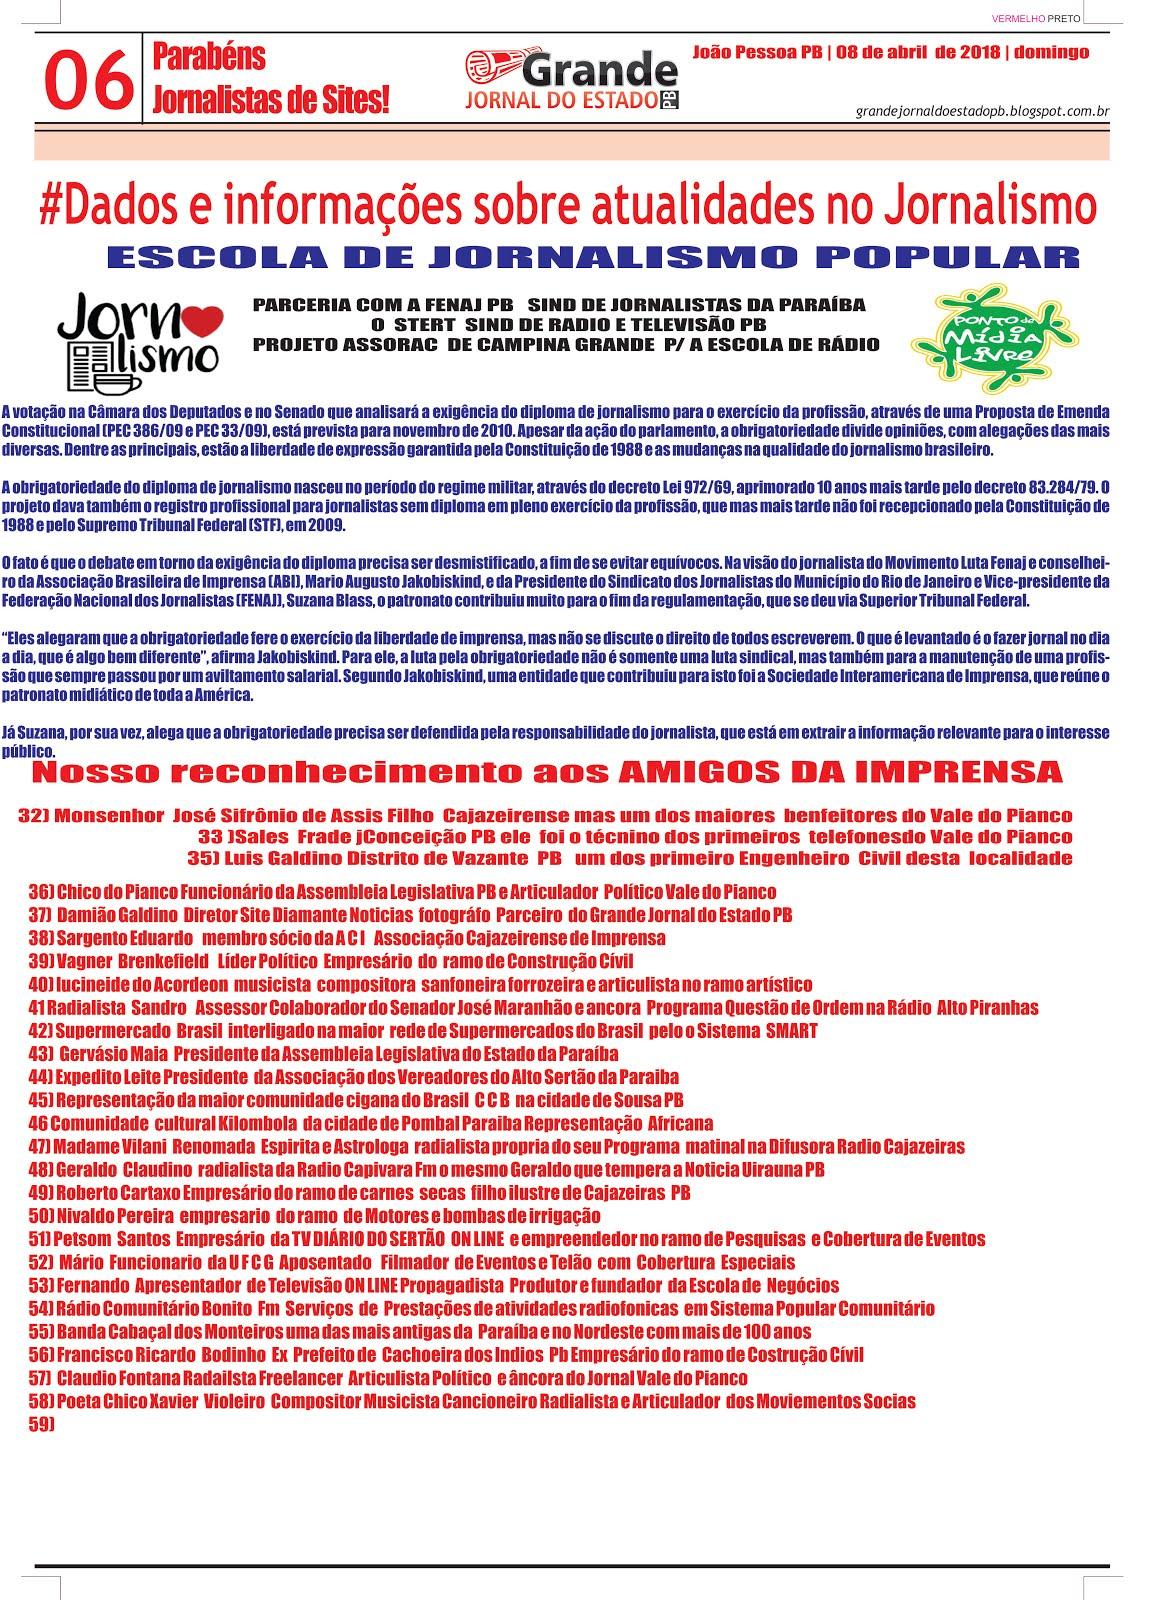 GRANDE JORNAL DO ESTADO PAGINAS  COM SUJEIÇÃO DE ALTERAÇÕES DEPOIS DA CORREÇÃO  FINAL